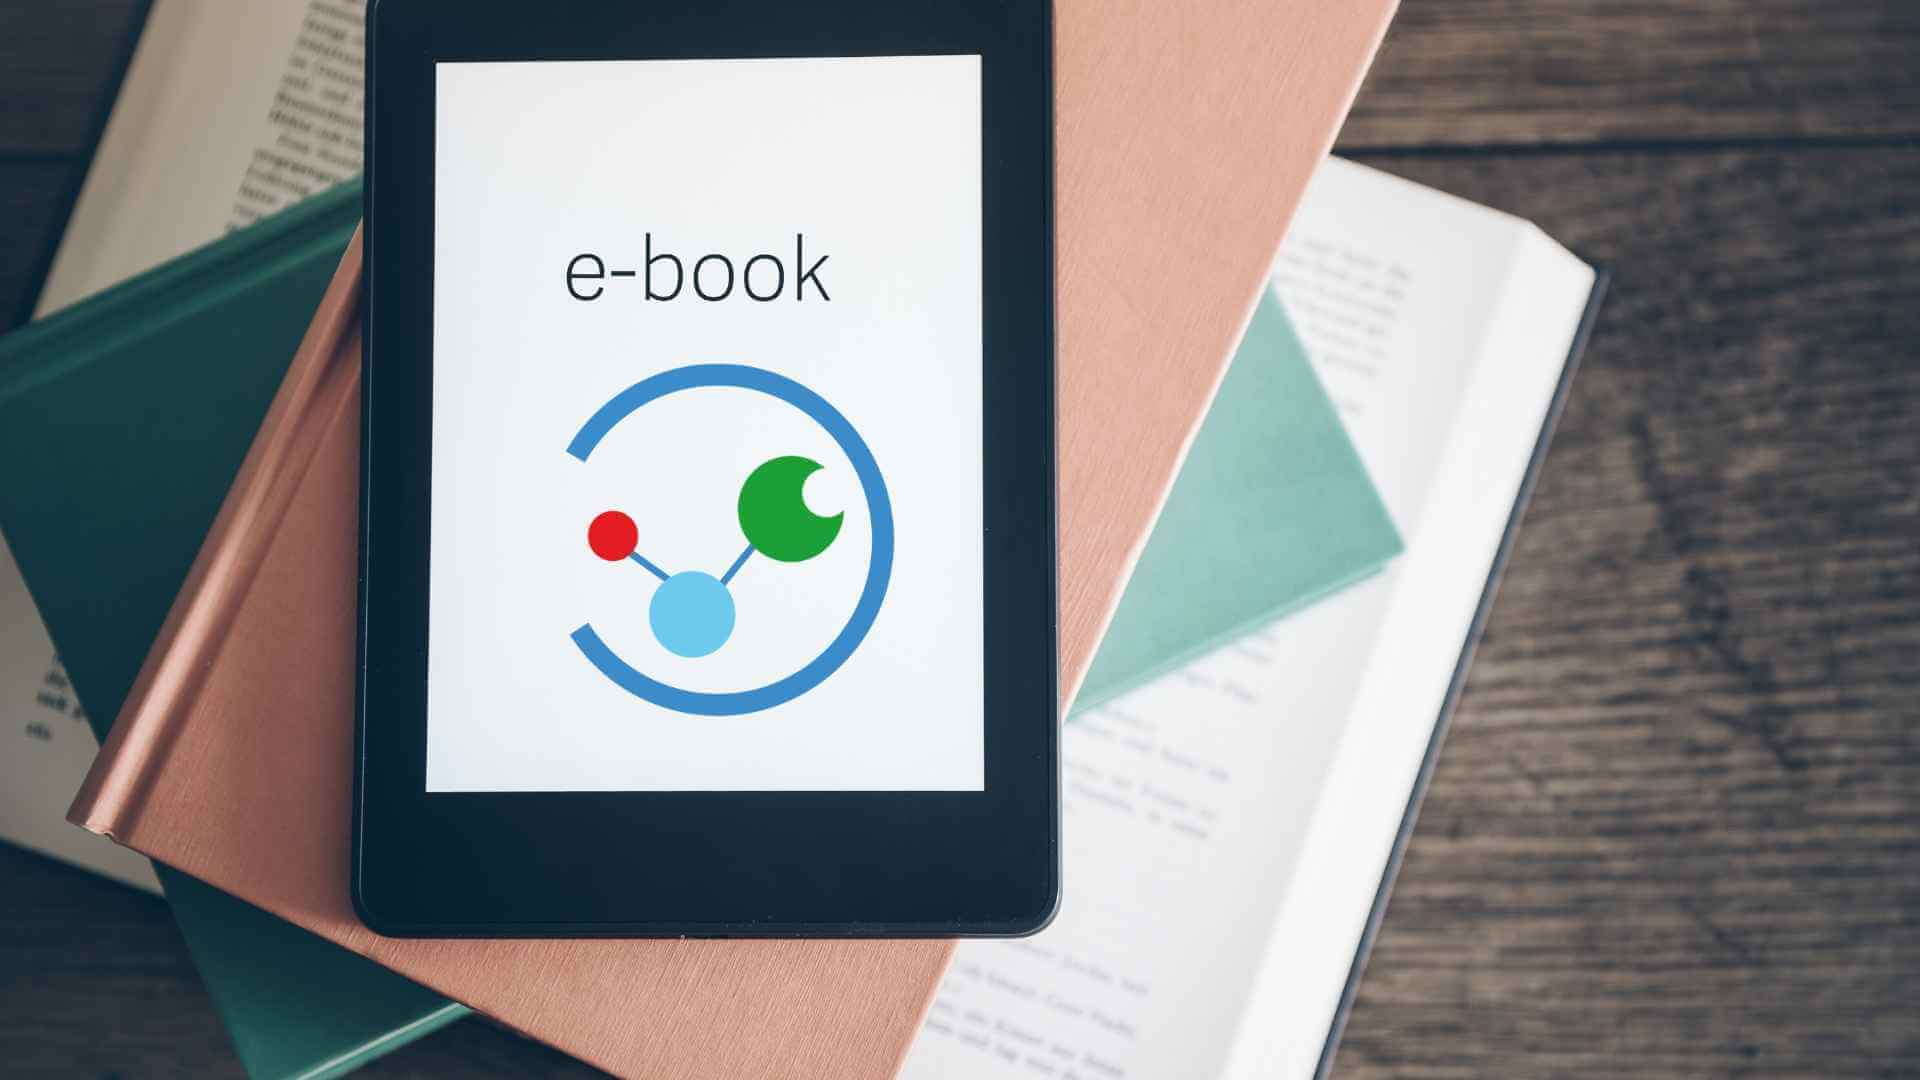 E-book ERP - Lee y aprende con Asesores de Confianza que te ayudan a crecer y alcanzar los mejores estándares de satisfacción